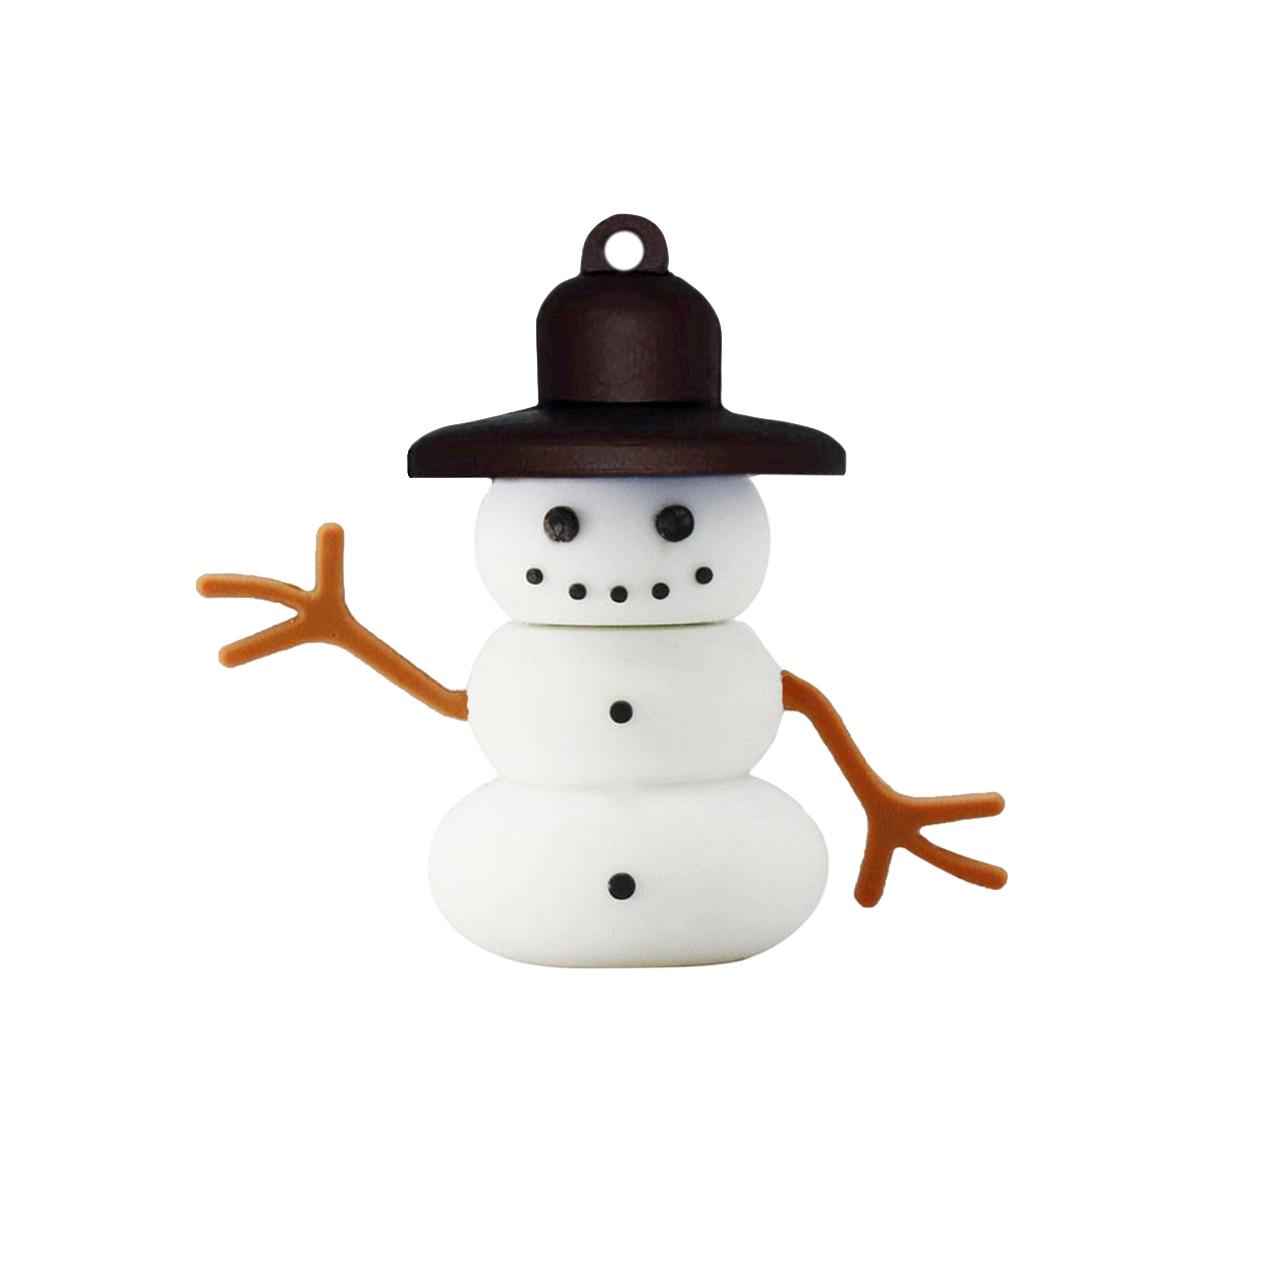 بررسی و {خرید با تخفیف}                                     فلش مموری طرح Snowman مدل DAA1141 ظرفیت 64 گیگابایت                             اصل